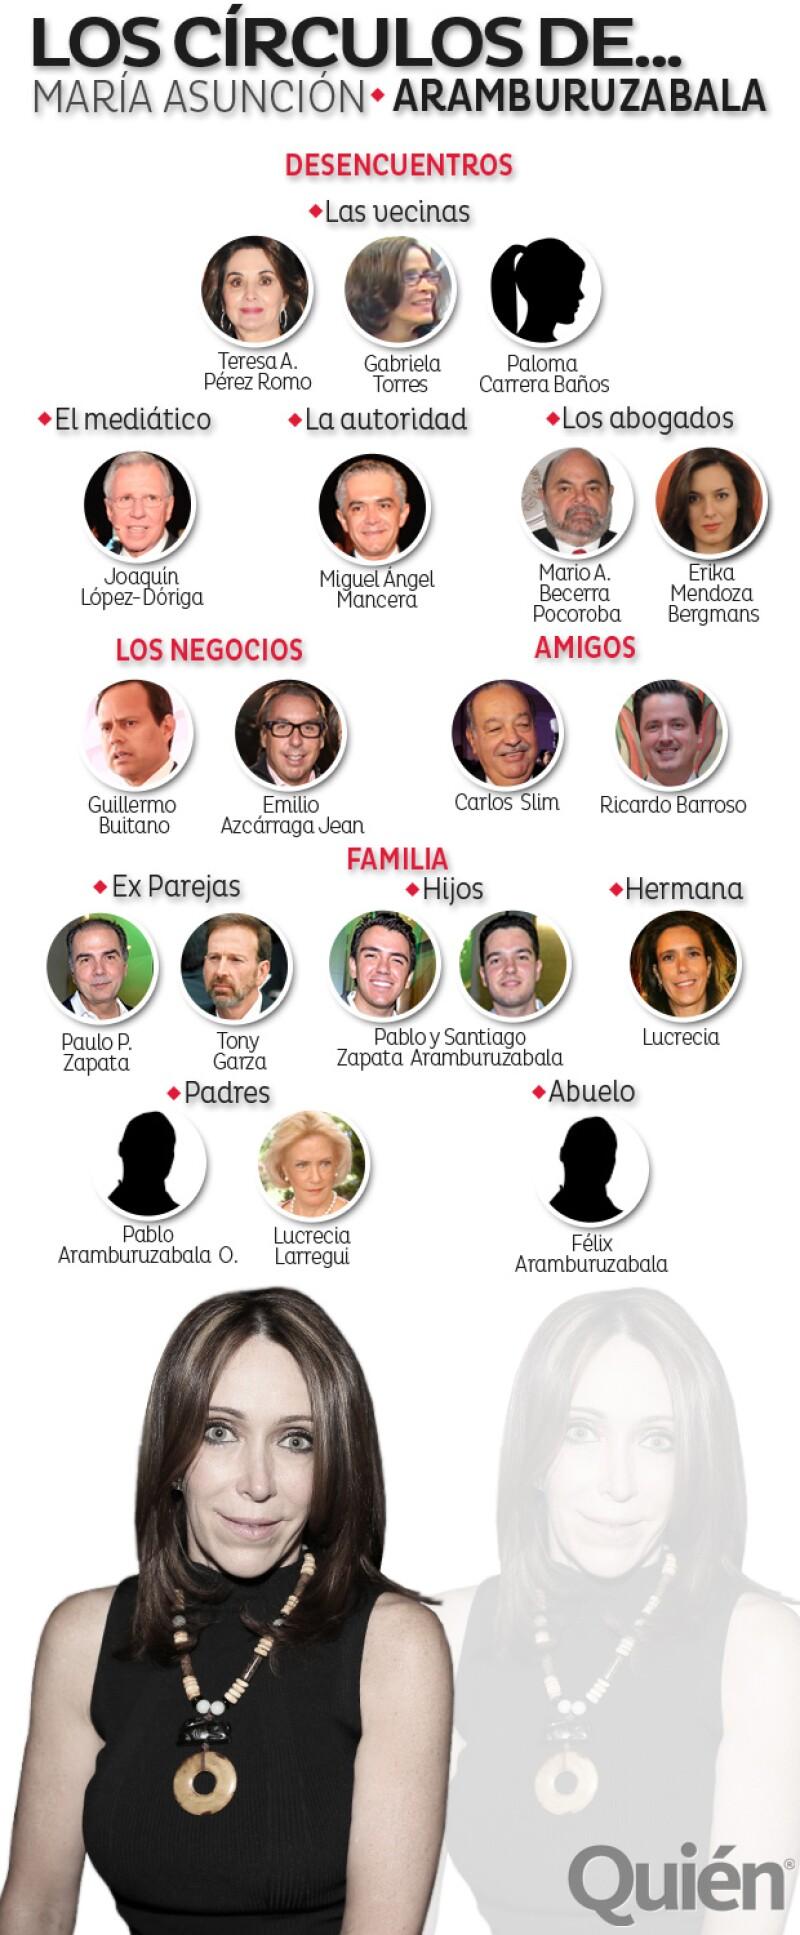 Este es el entorno familiar, social y mediático de la empresaria más poderosa de México, quien denunció a la esposa de Joaquín López-Dóriga por extorsión.